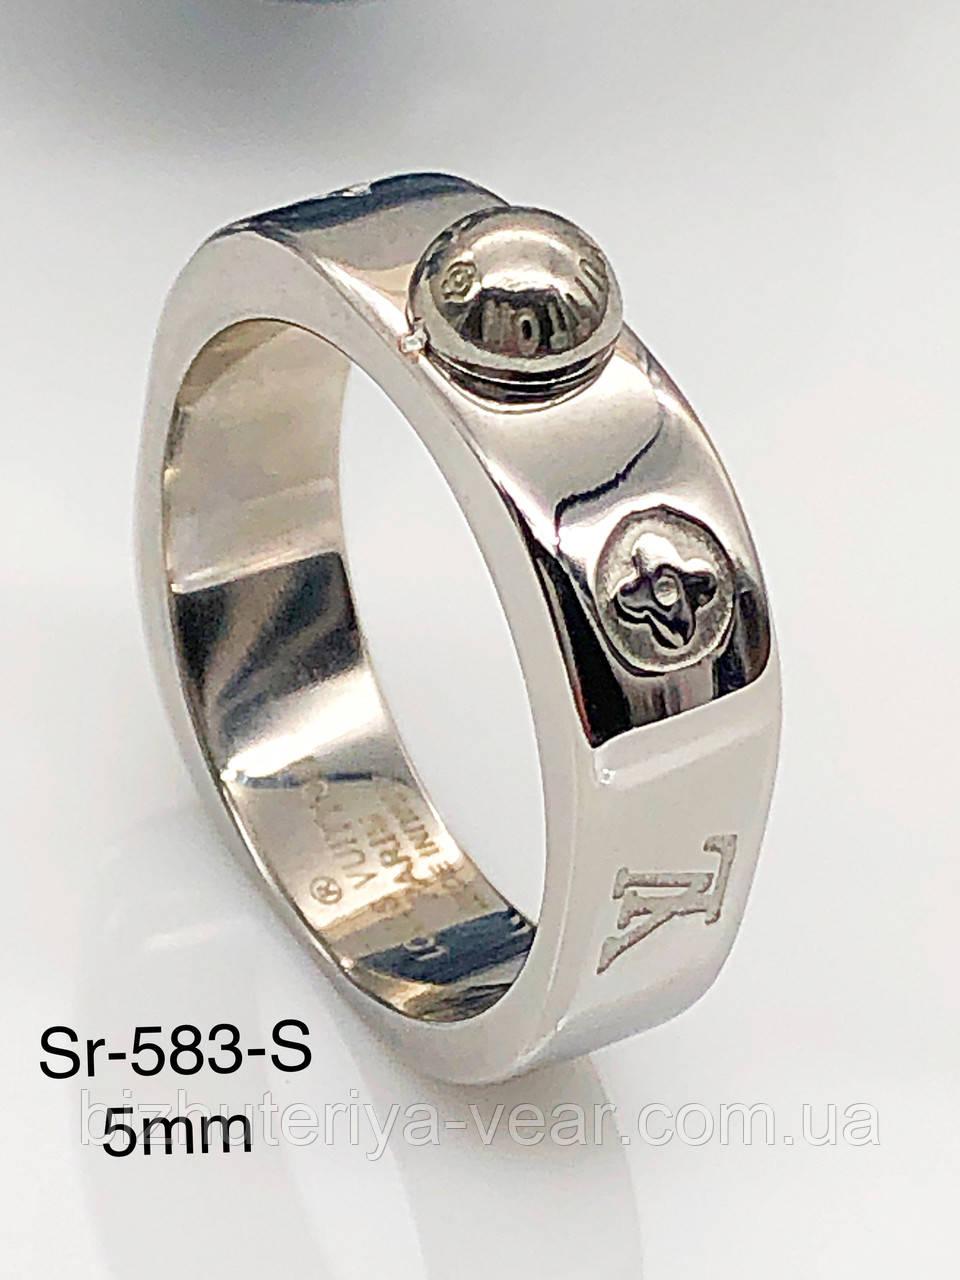 Кольцо Sr-583-(6,7,8,9,)